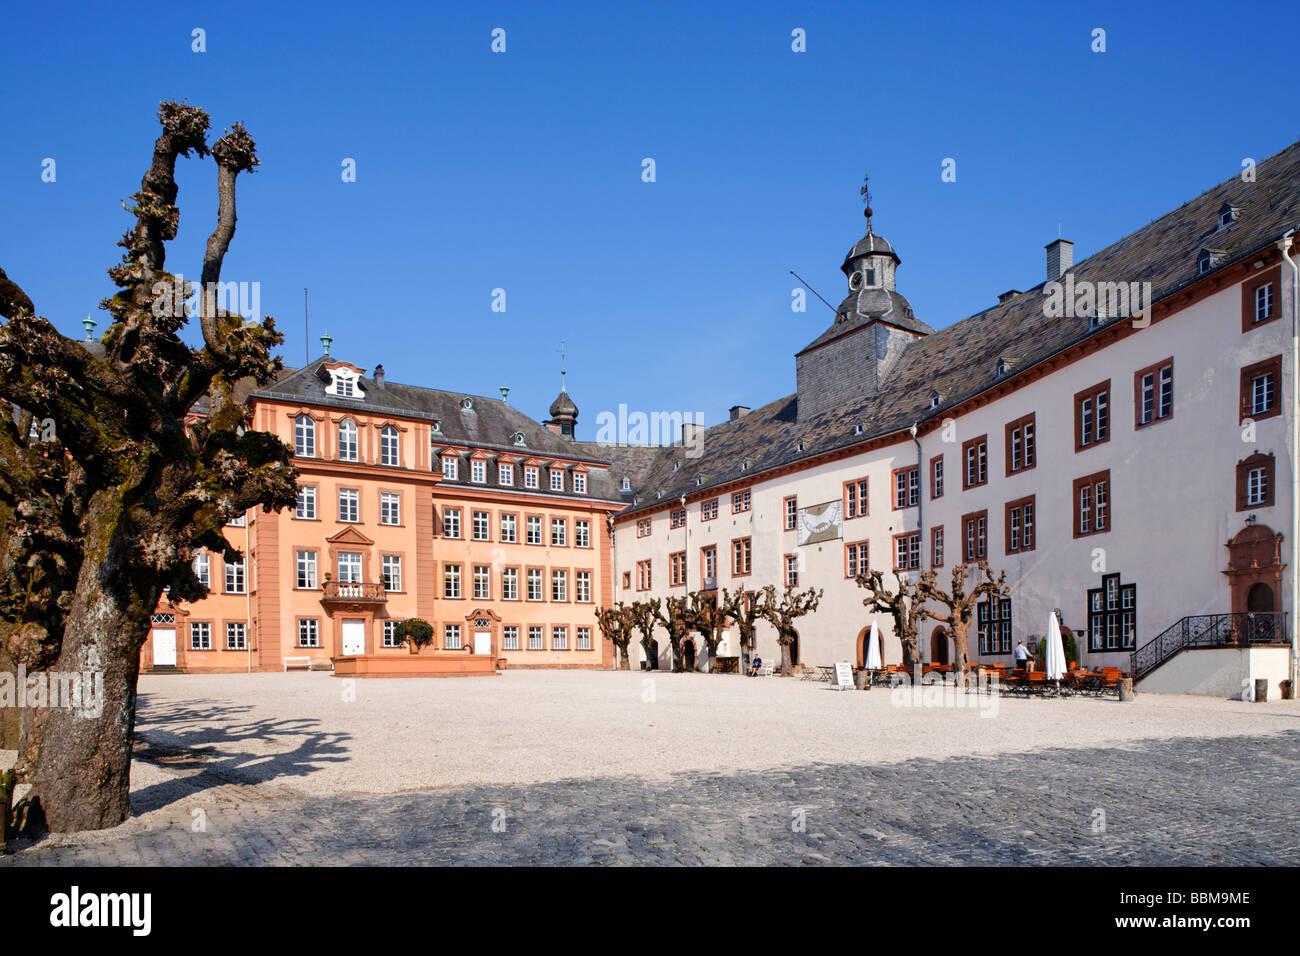 Schloss Platz mit Nord- und mittleren Flügel, Schloss Berleburg, Bad Berleburg, Kreis Siegen-Wittgenstein, Stockbild